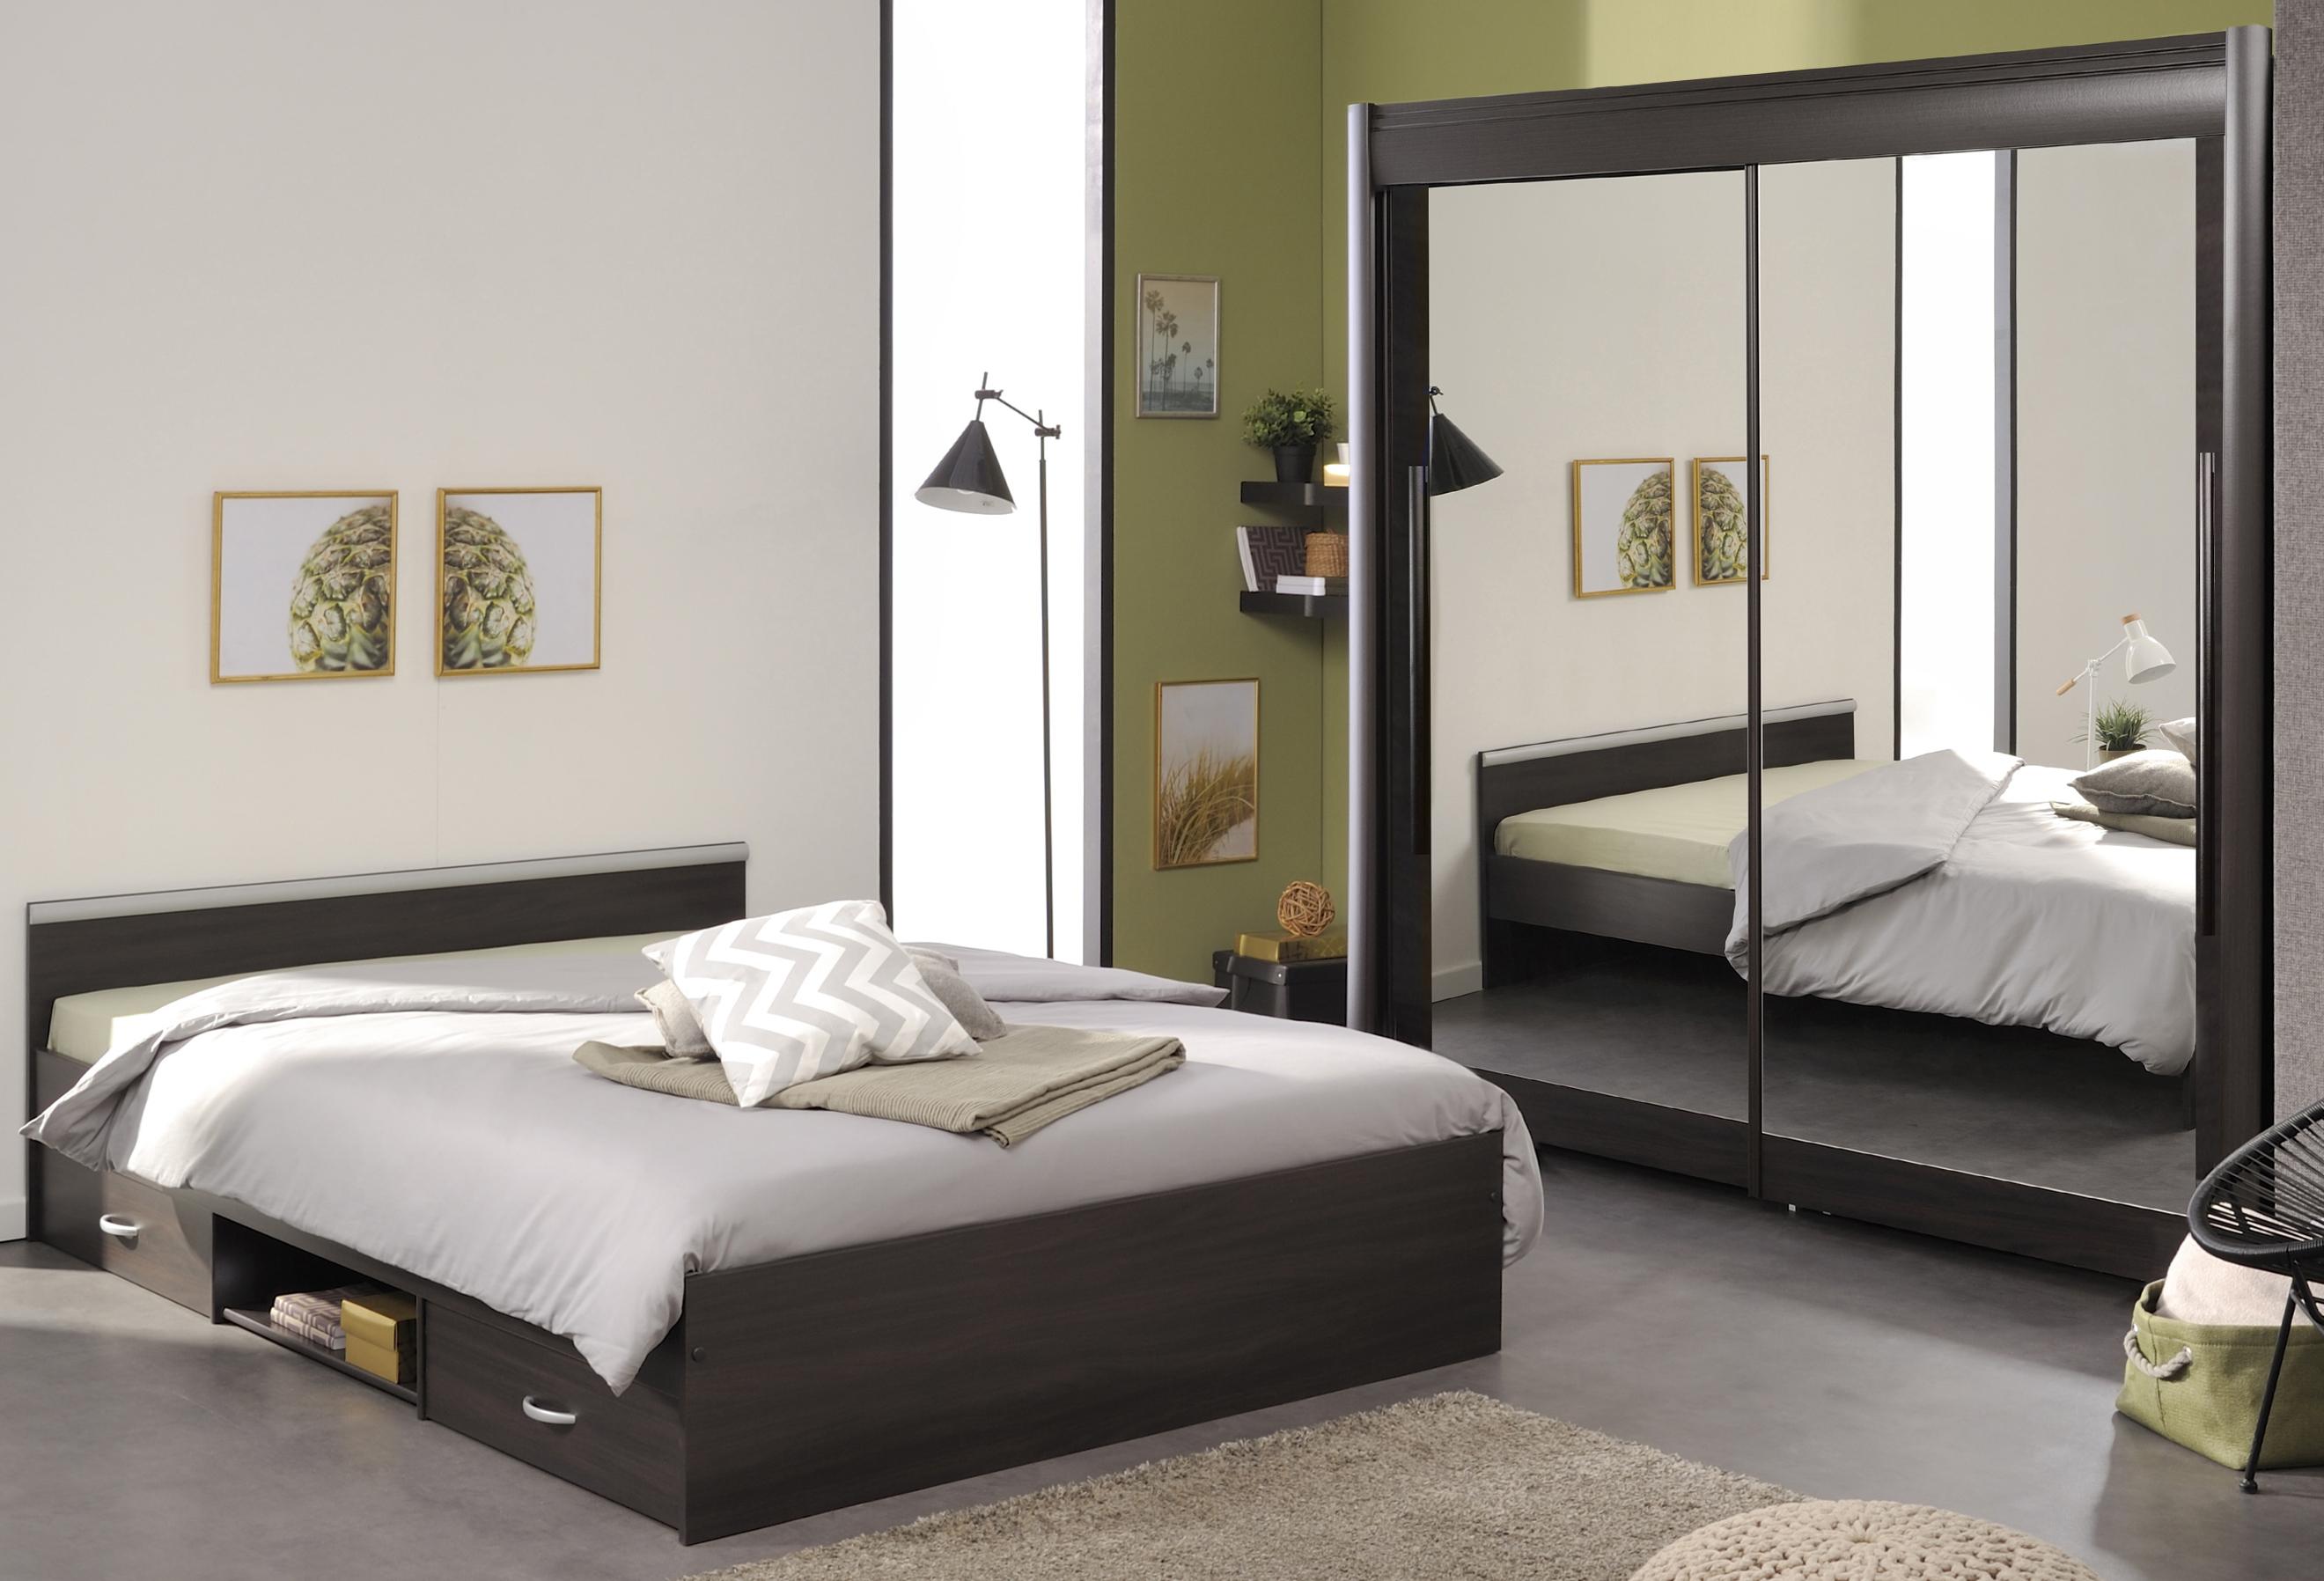 Schlafzimmer 2-tlg inkl Schweber ca. 204 breit Celebrity 63 von Parisot Kaffee